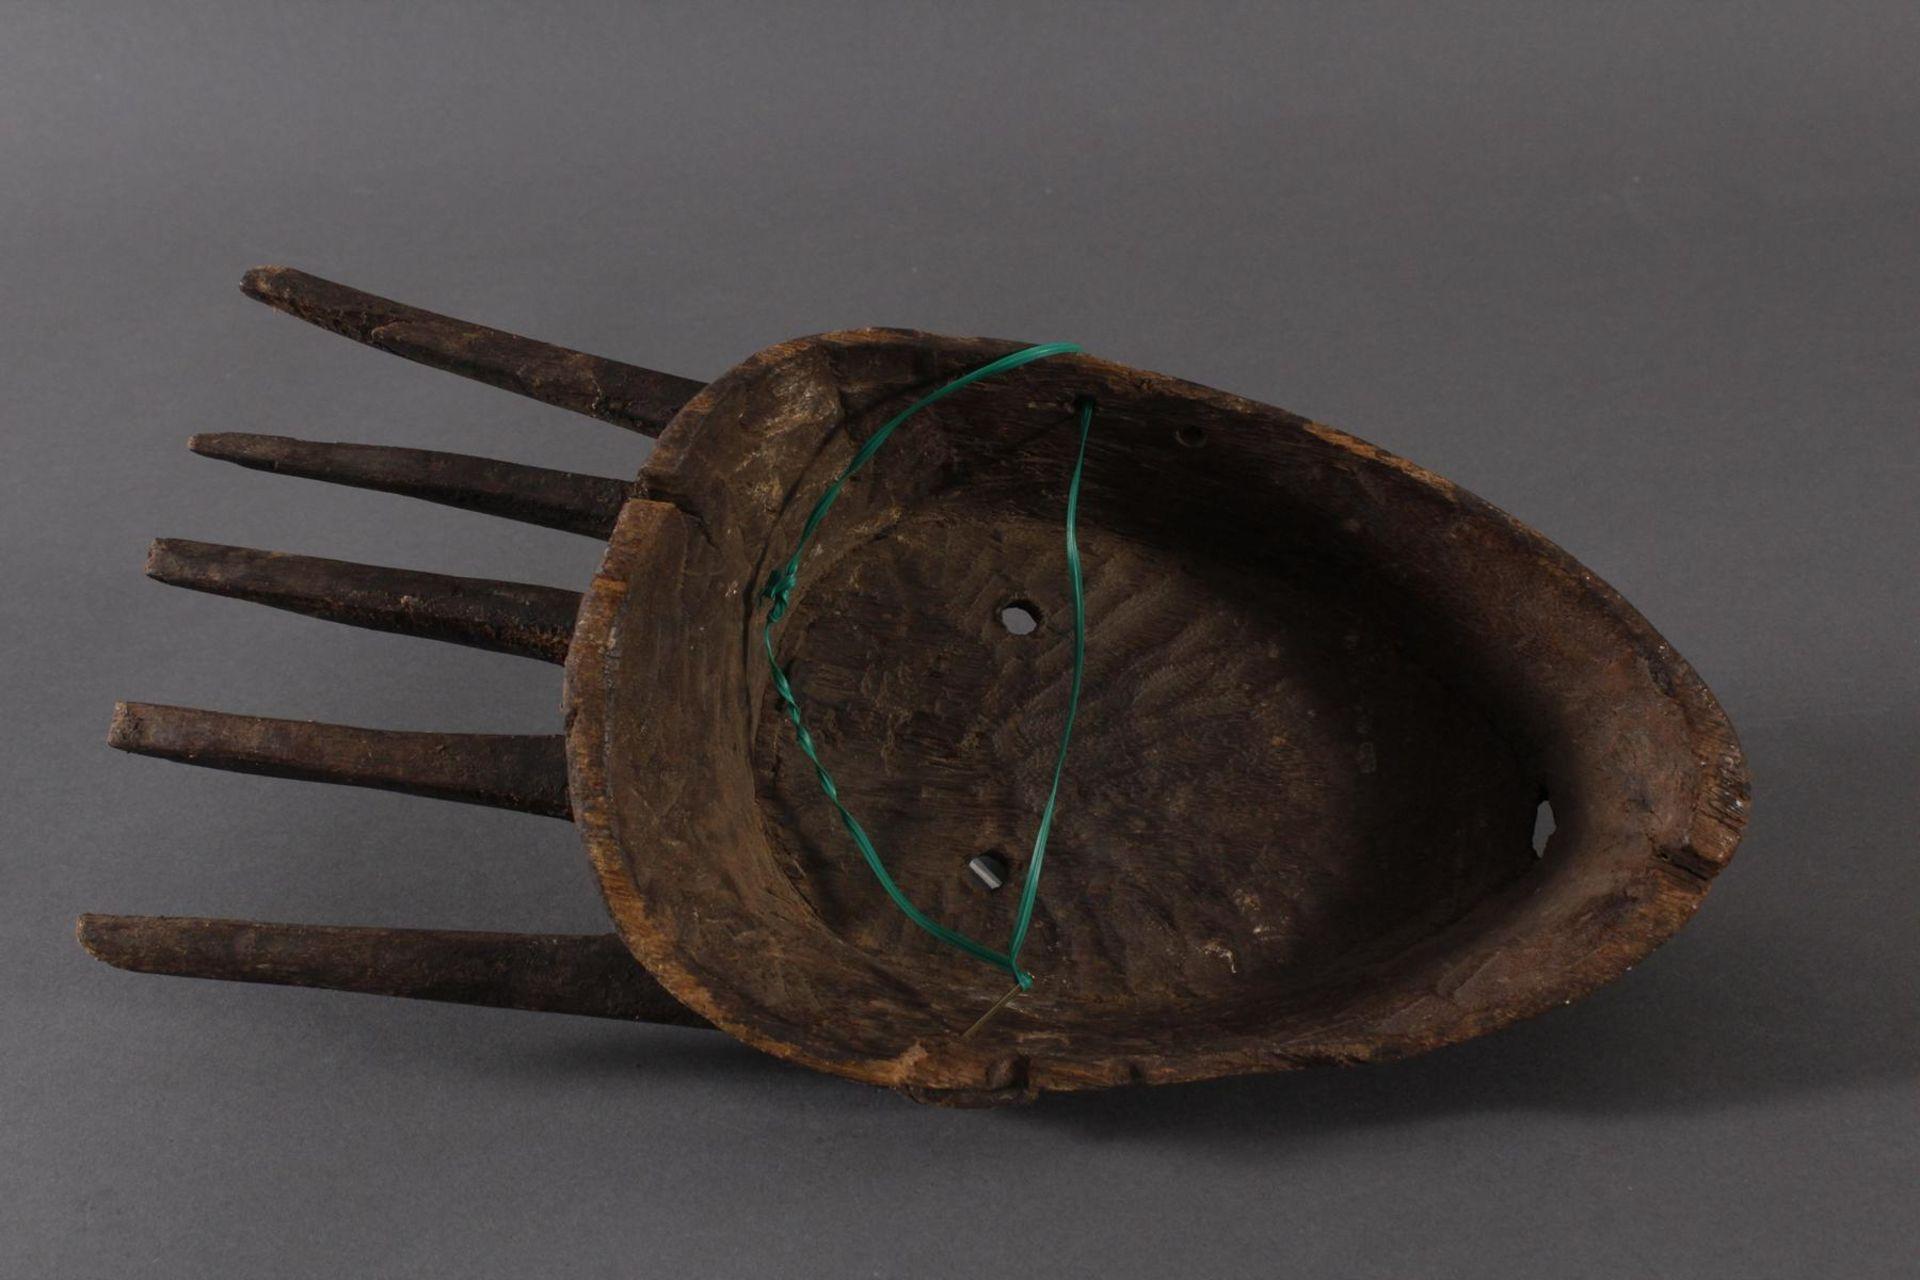 Antike Maske, Marka, Mali 1.Hälfte 19. Jh.Holz geschnitzt, spitz ovales, schlankes Gesicht mit - Bild 6 aus 6